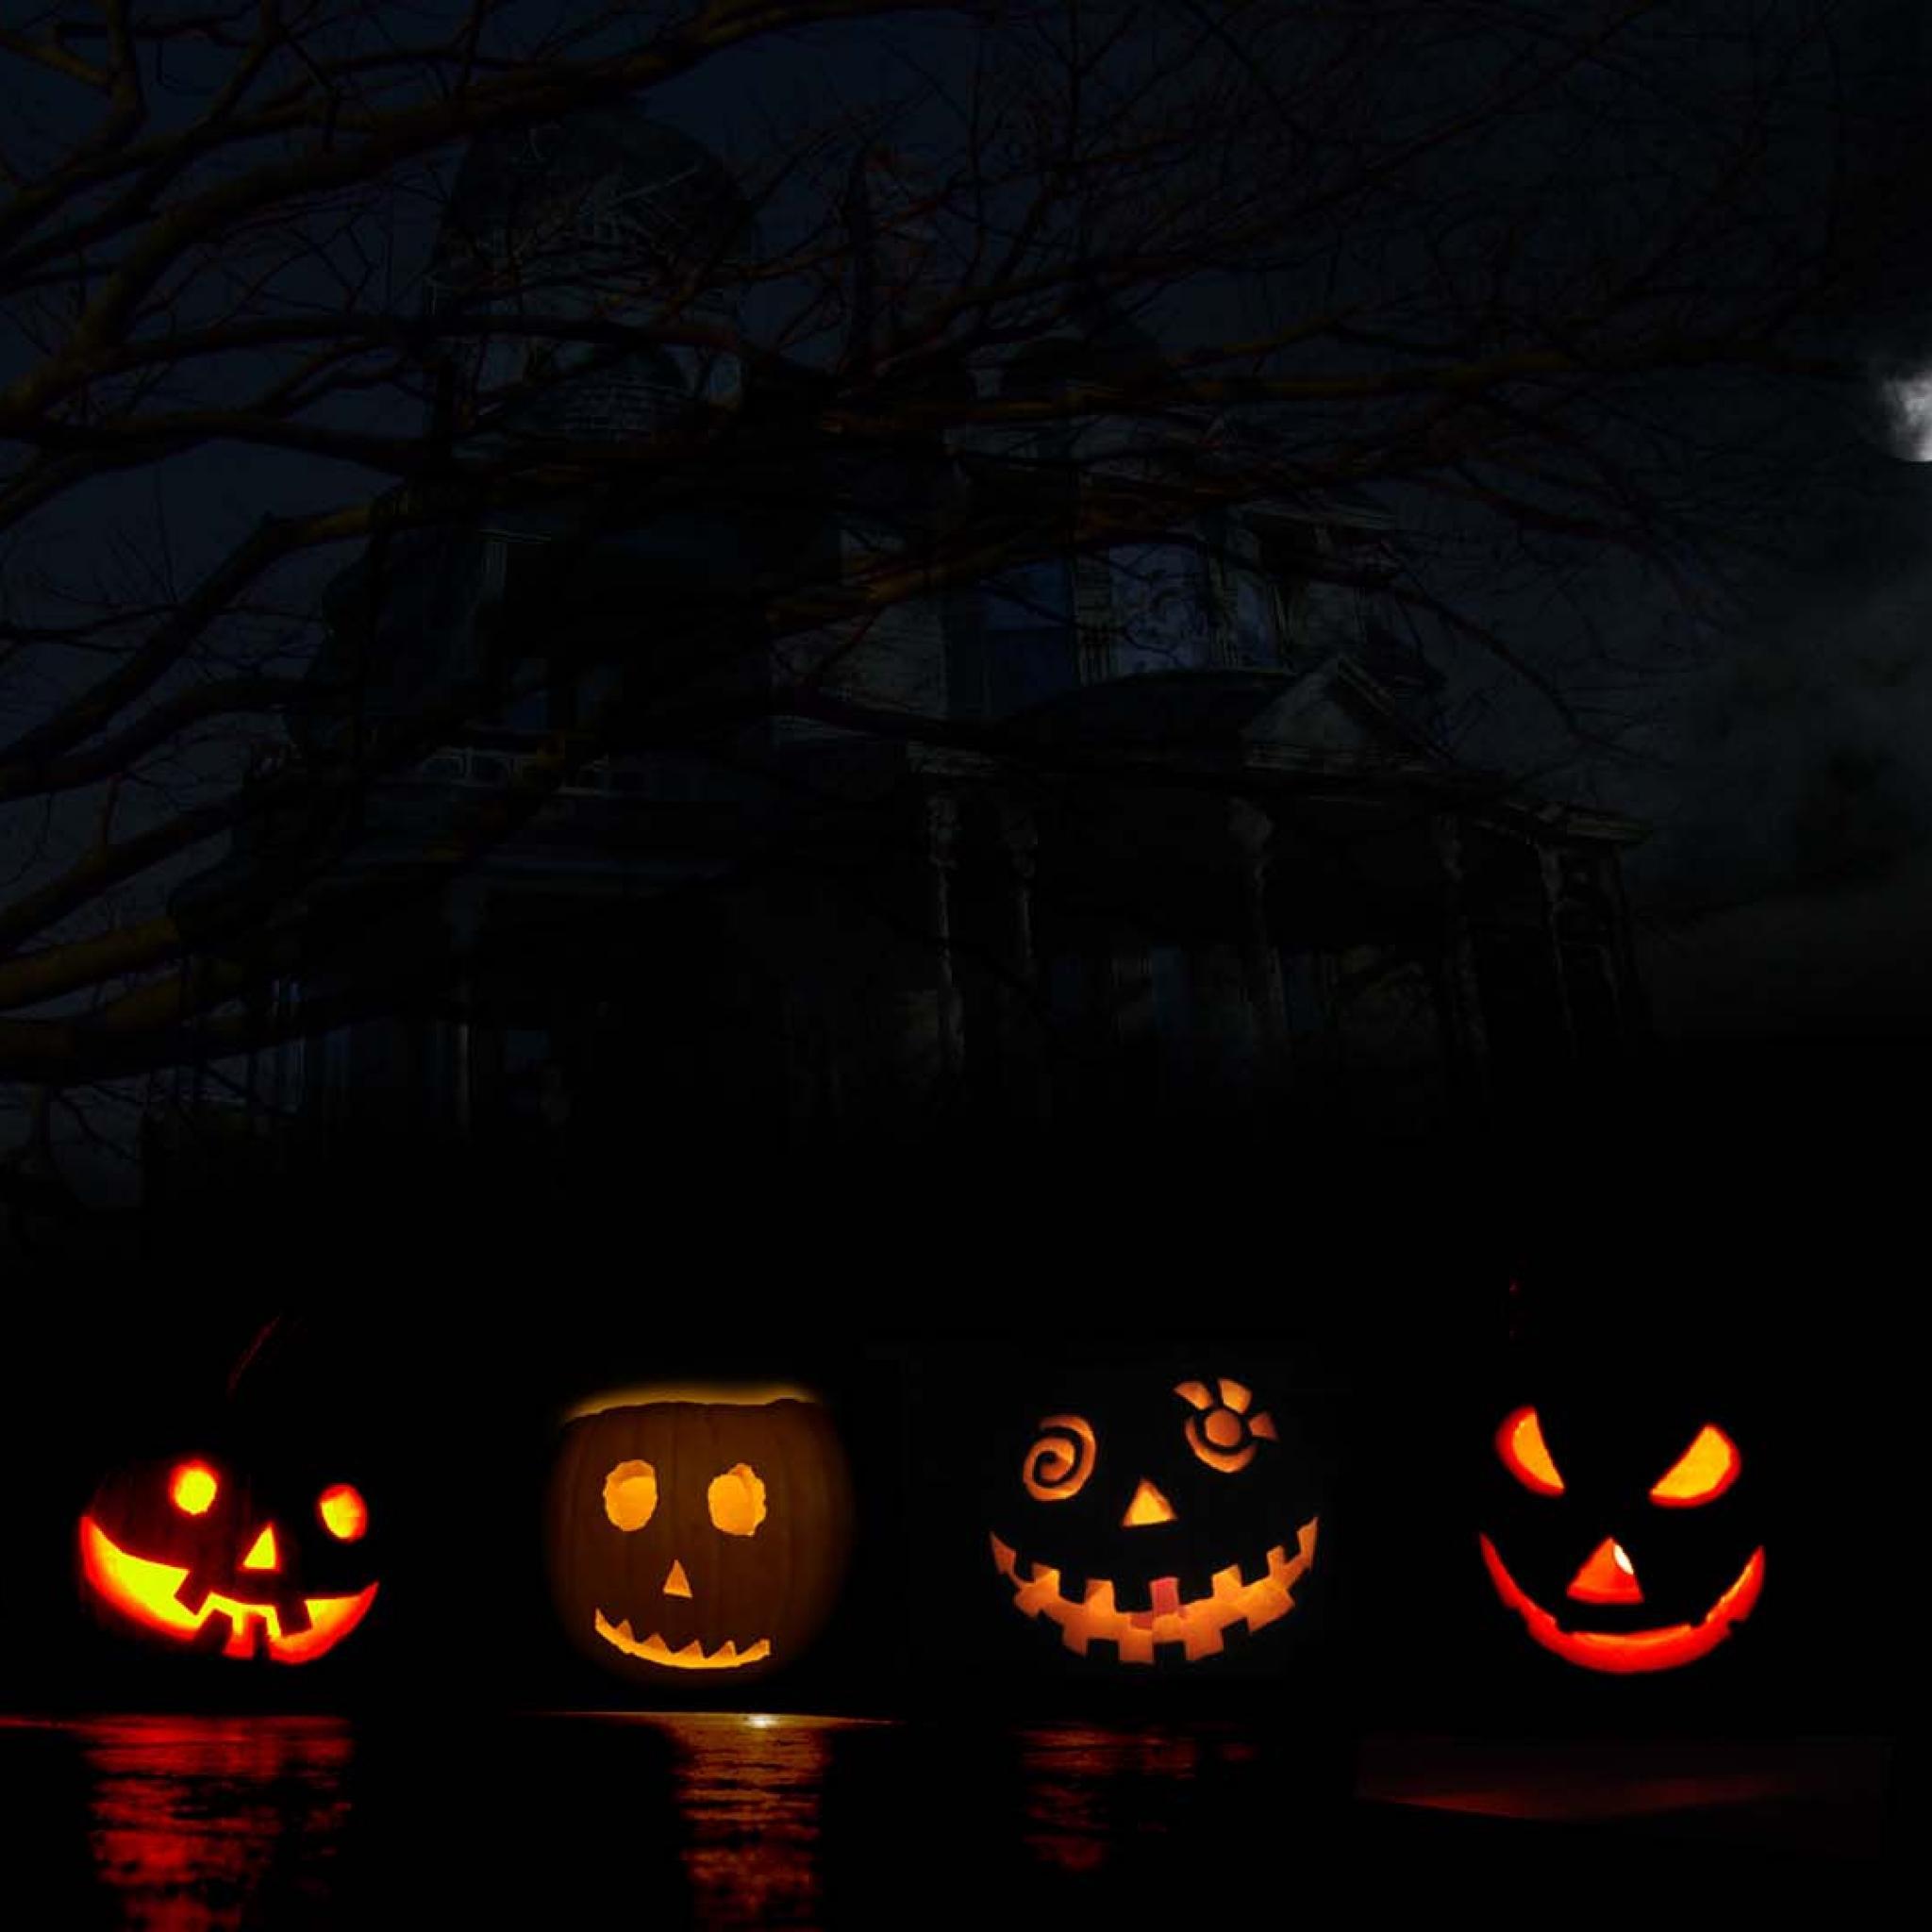 Halloween Wallpapers Ipad Download Free1